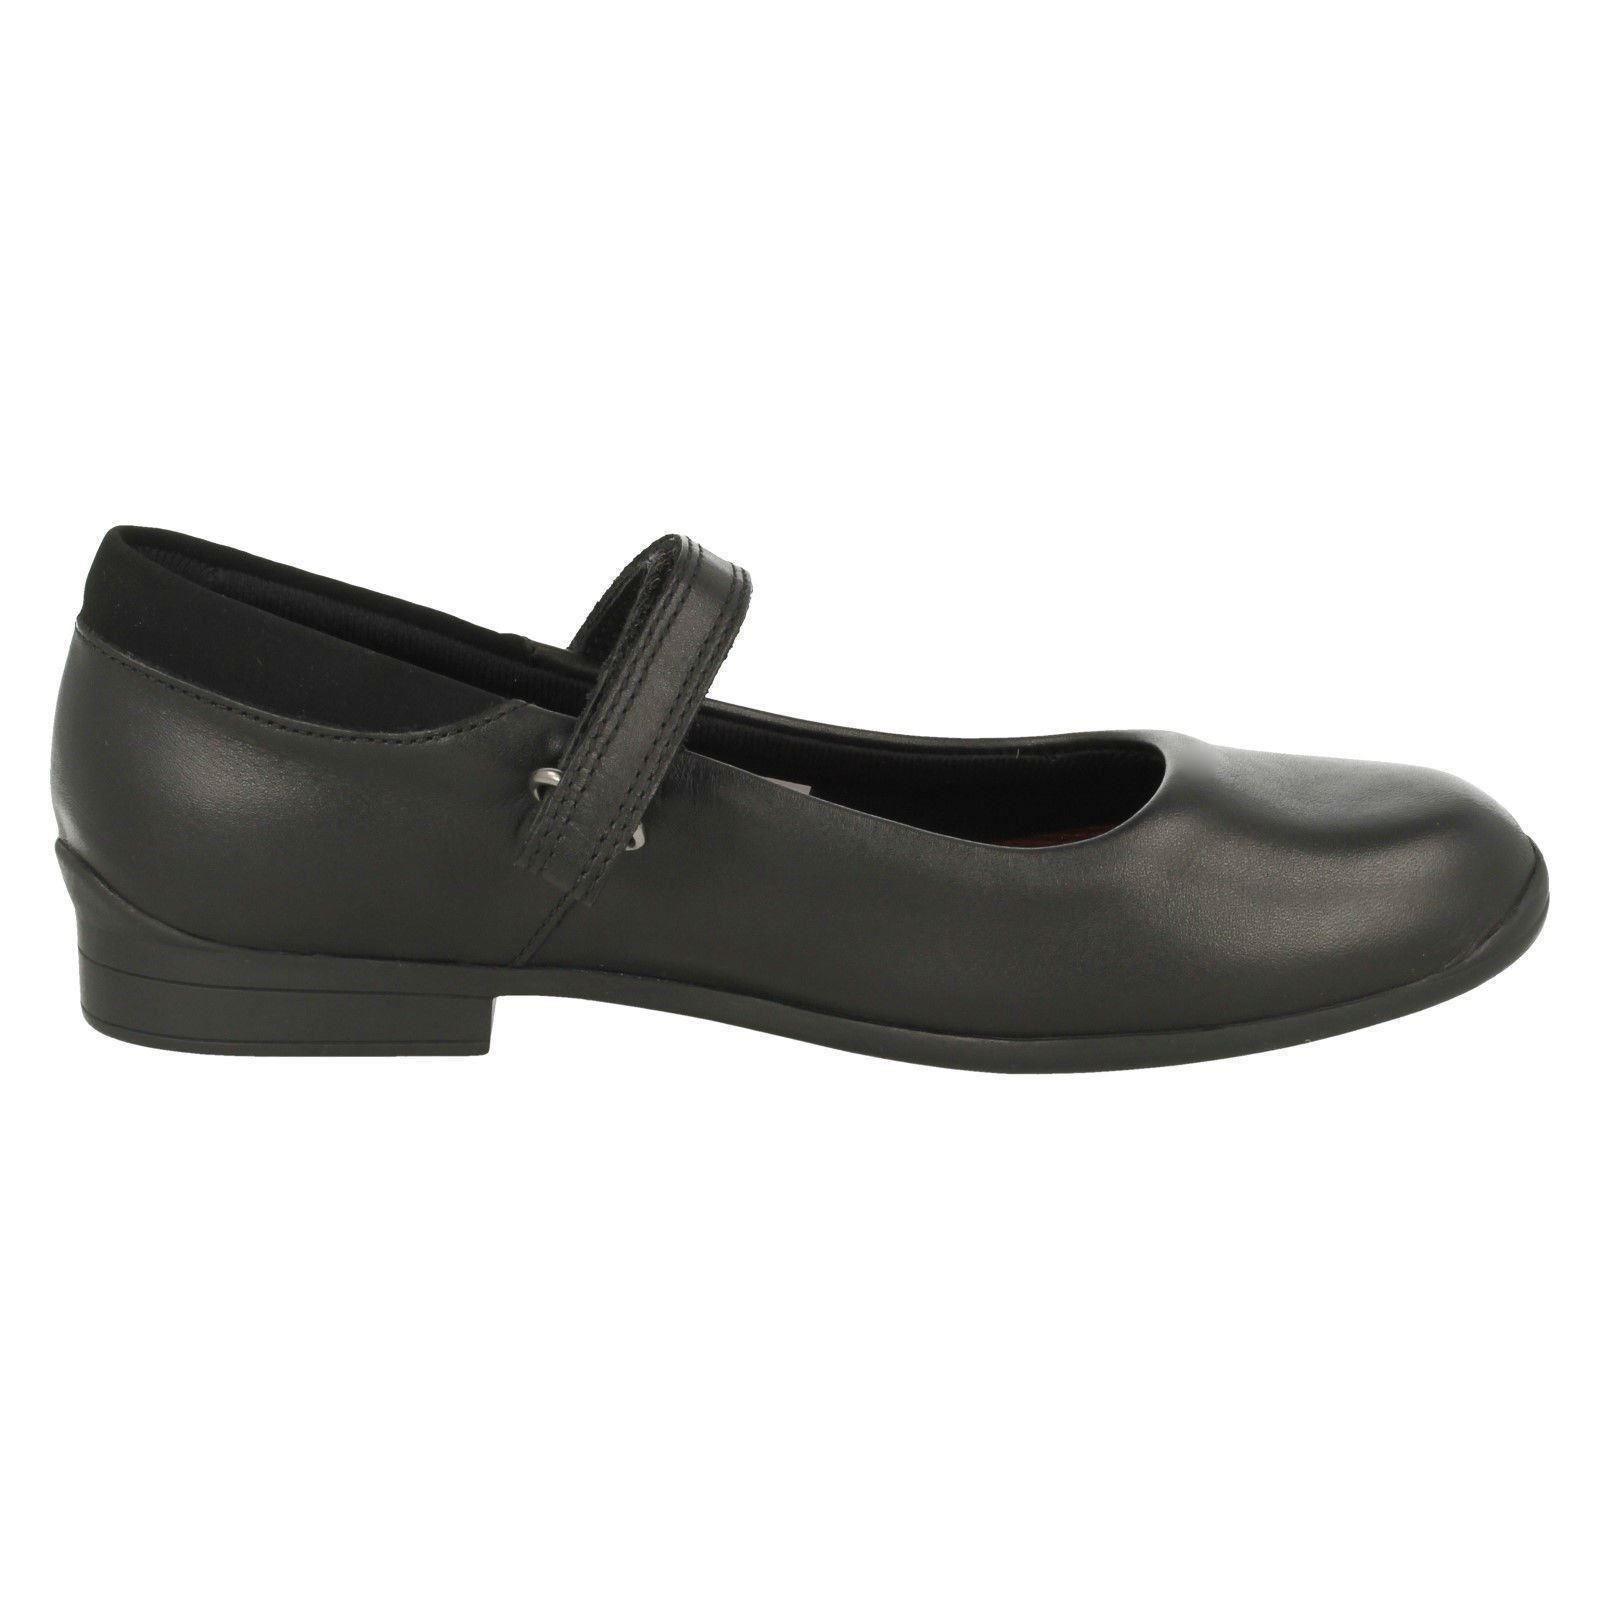 Jamie Star Clarks Girls Hook /& Loop School Shoes